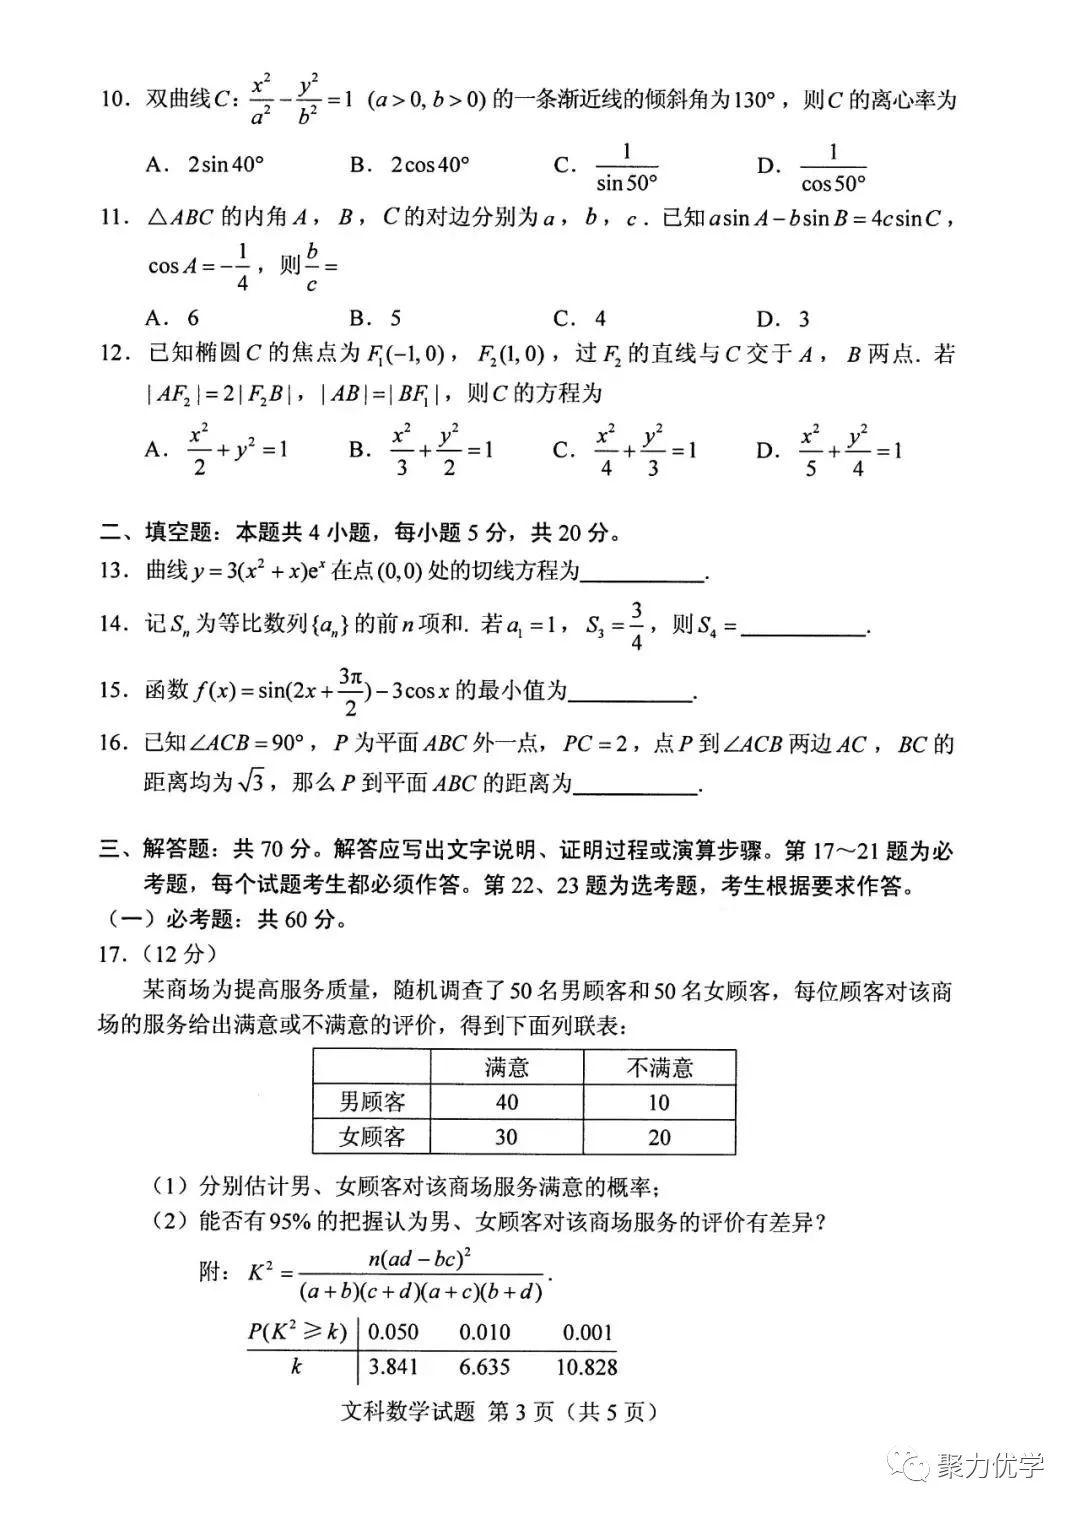 2019年高考文科数学试卷及答案